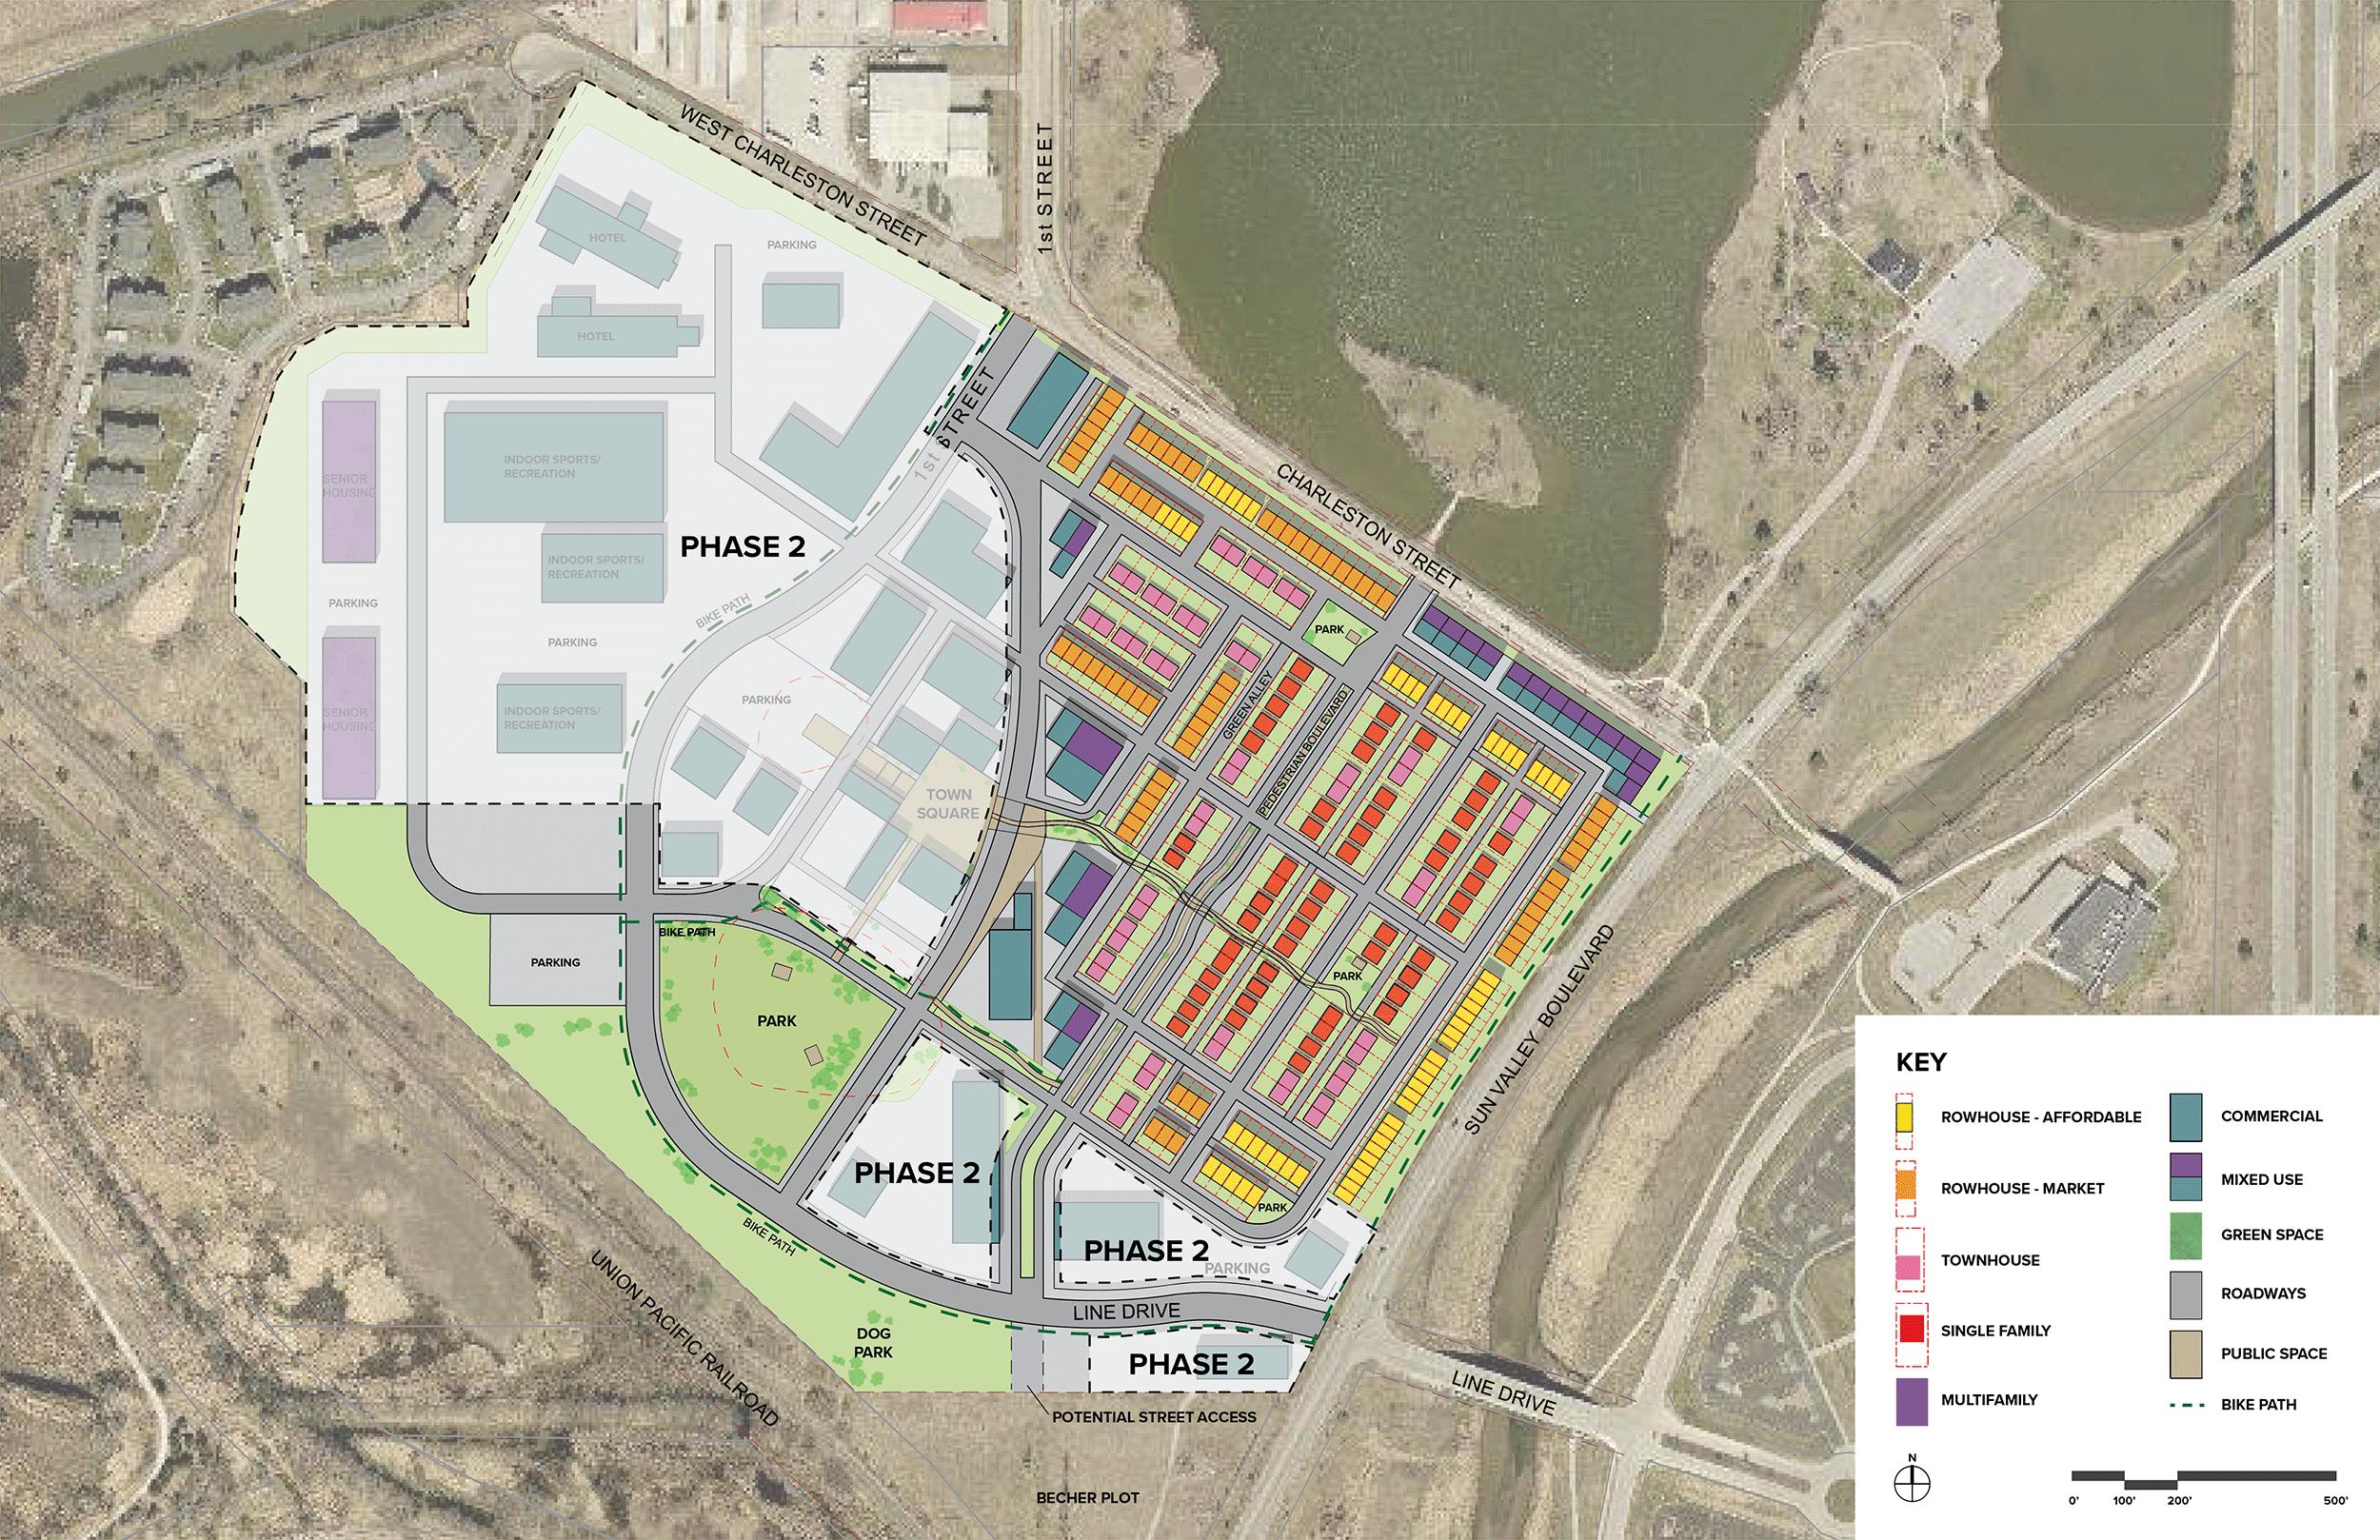 West Haymarket Village Phase 2